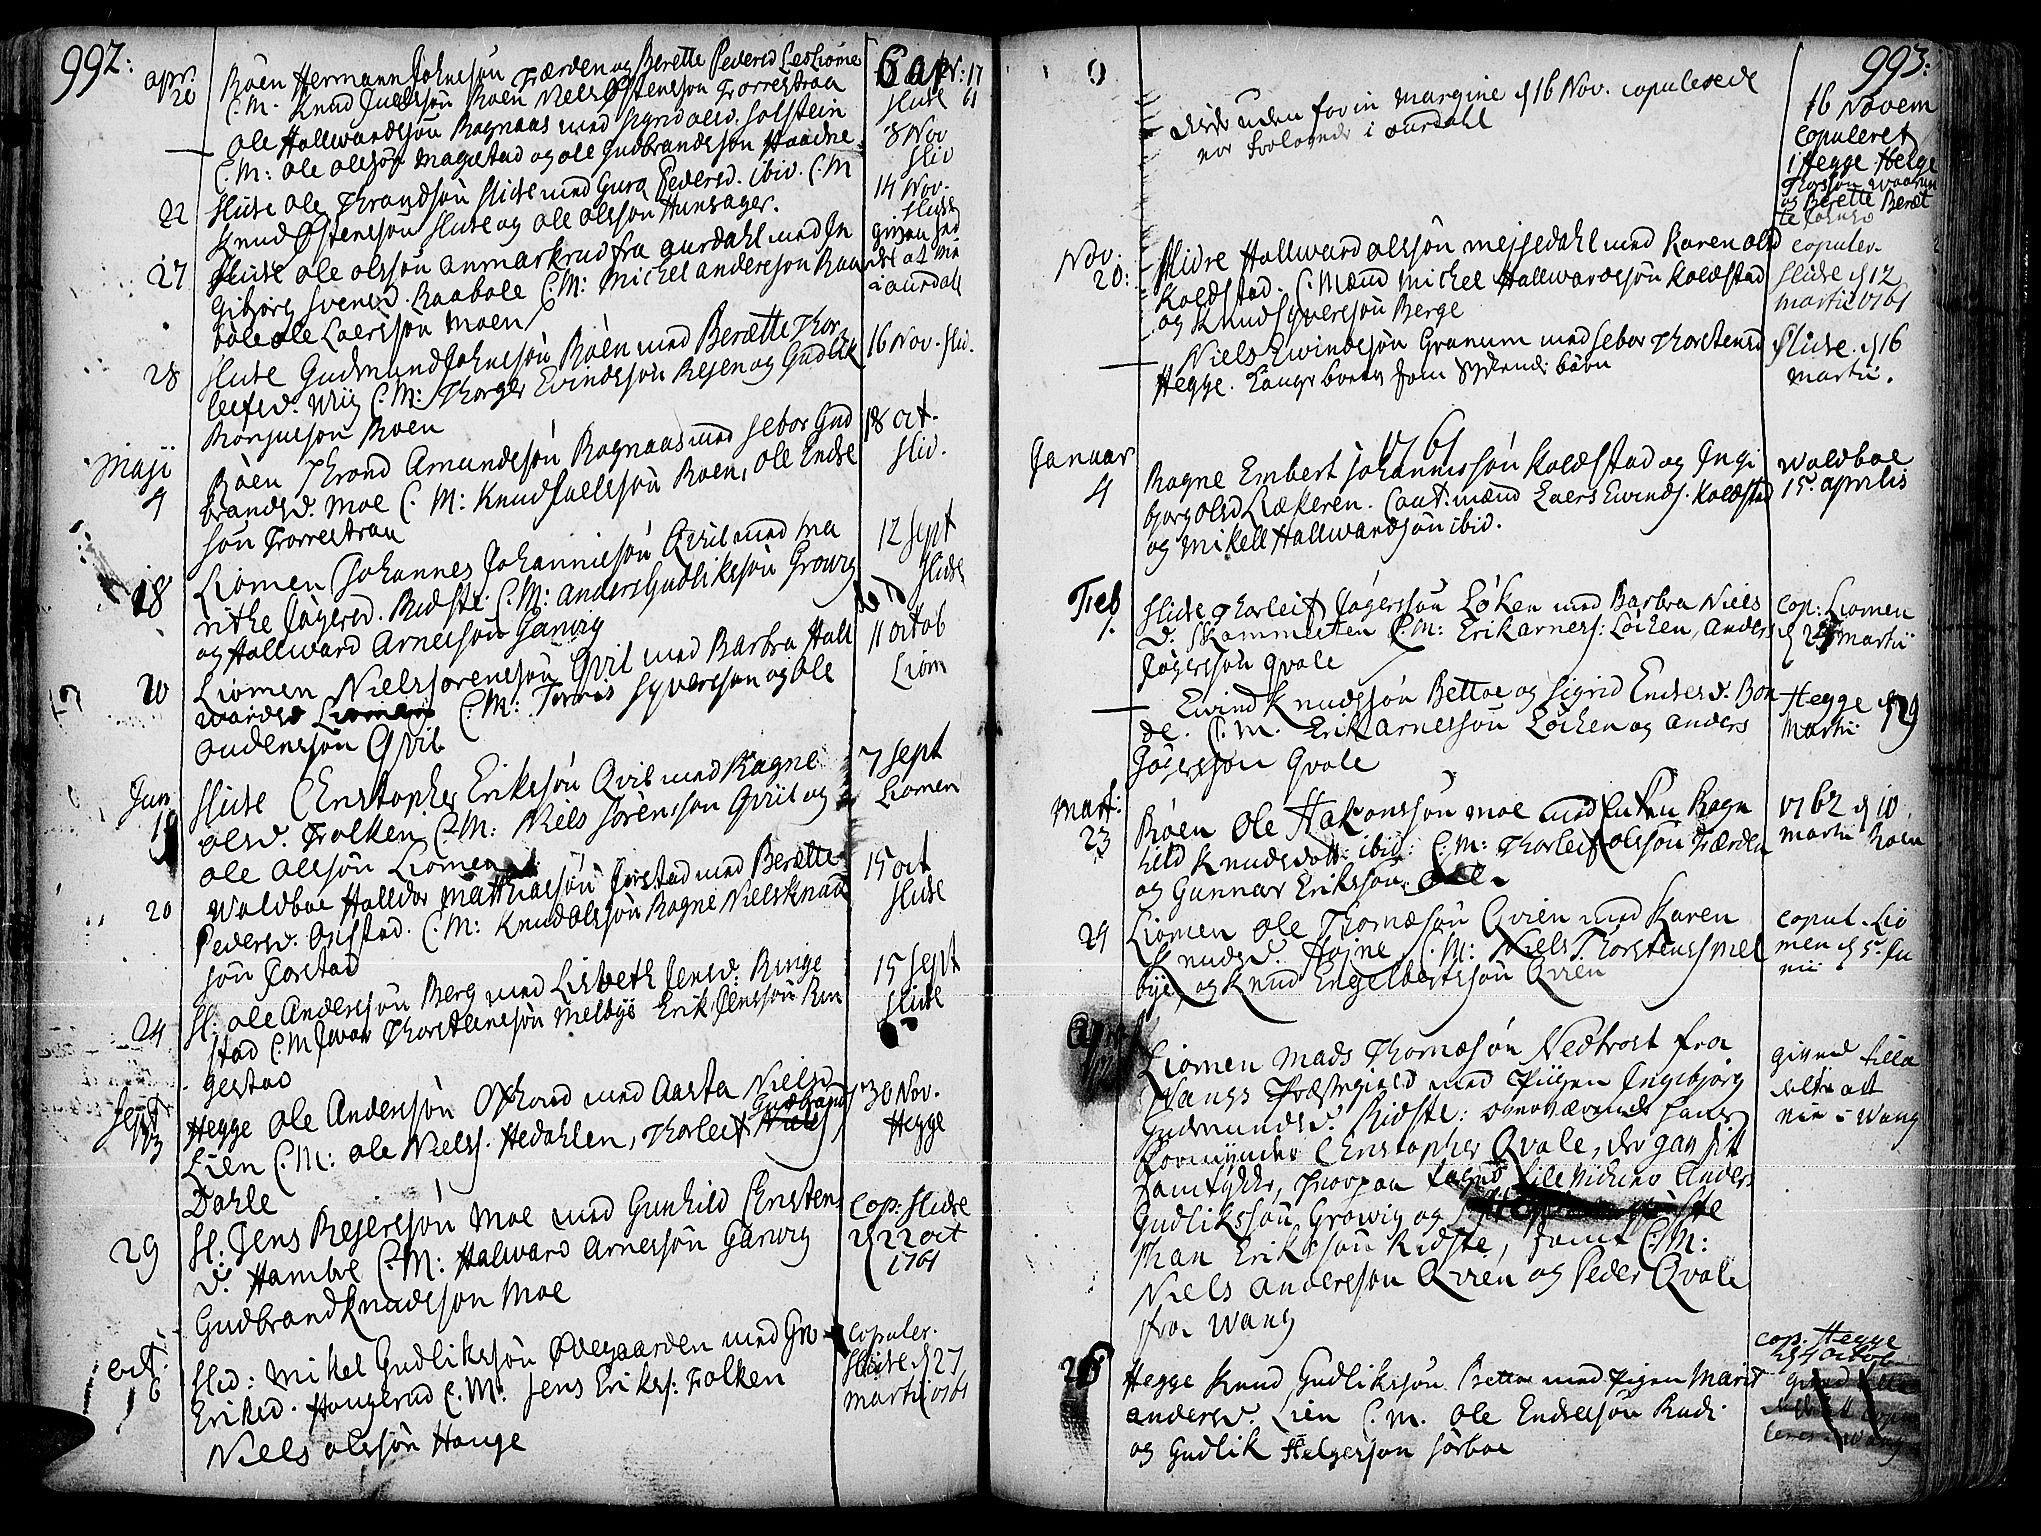 SAH, Slidre prestekontor, Ministerialbok nr. 1, 1724-1814, s. 992-993